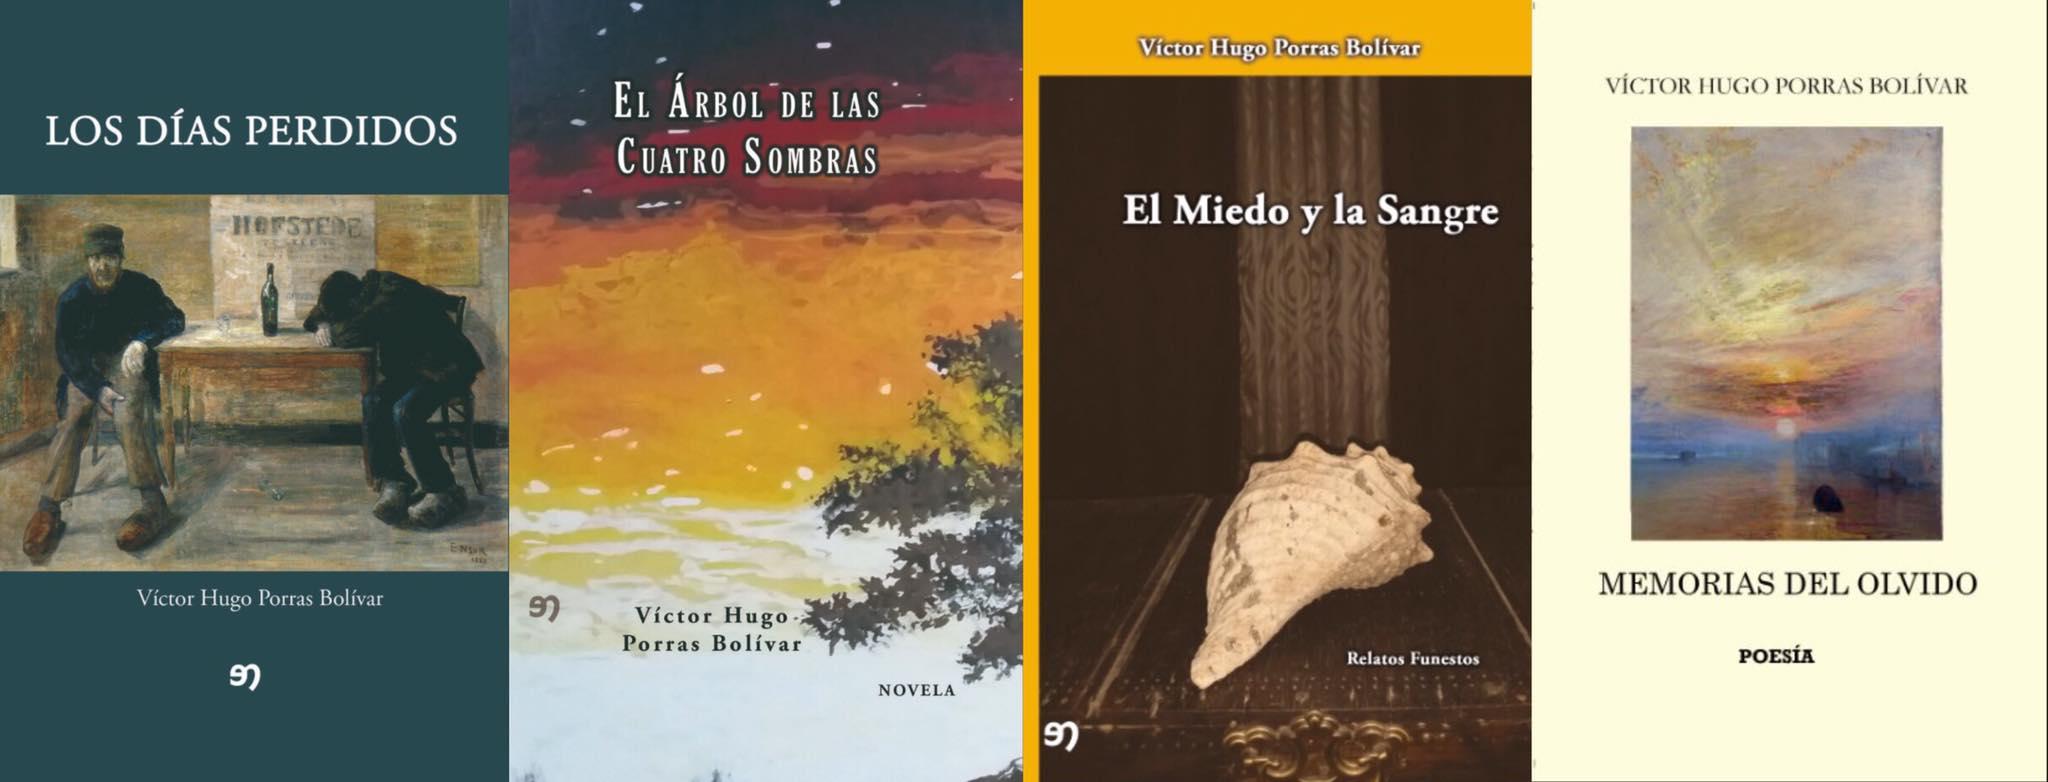 Libros publicados por el autor.